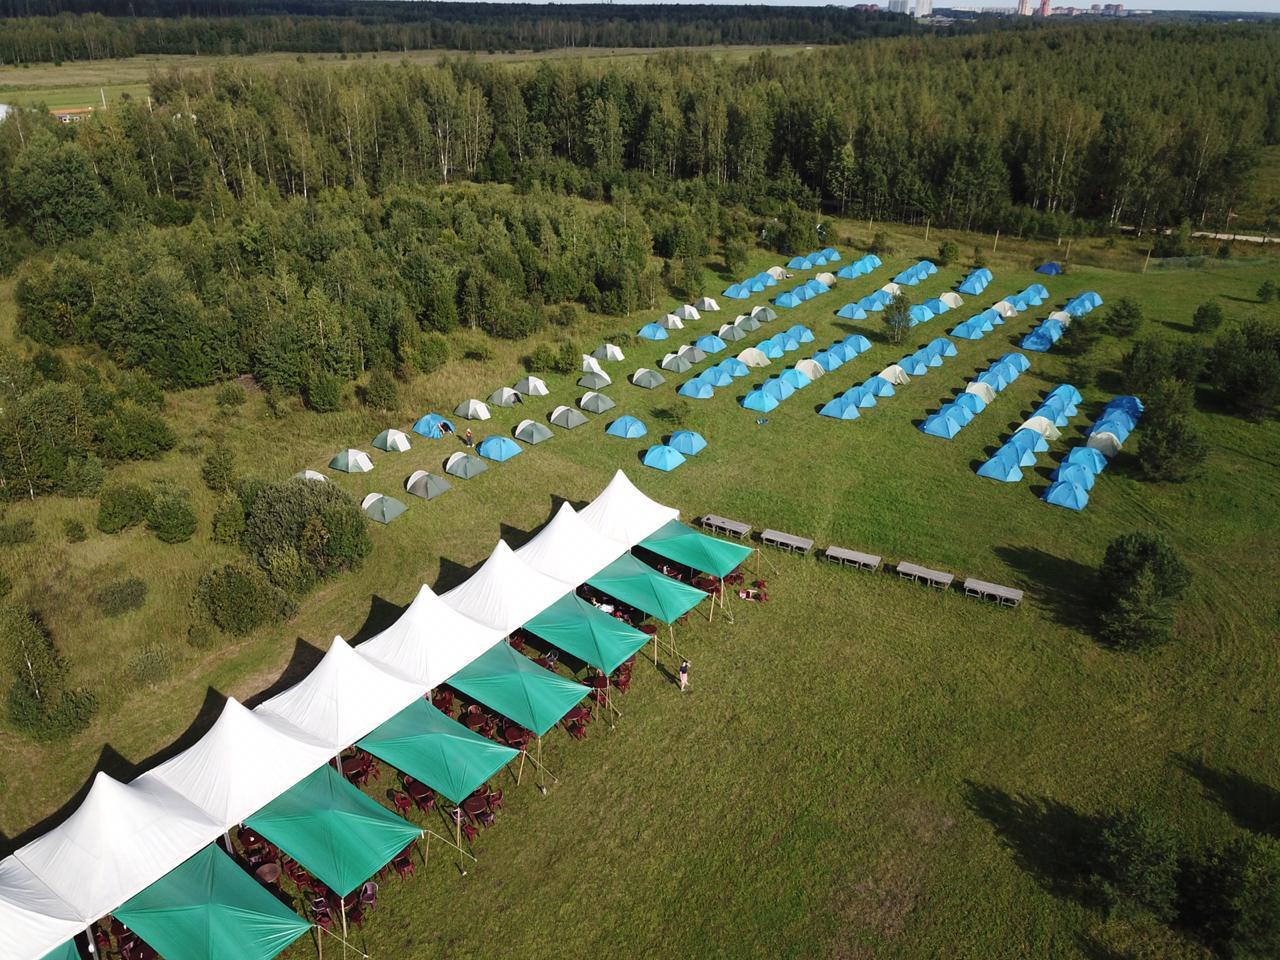 Сборы для участников военно-патриотических организаций Московской области впервые пройдут в Подмосковье в полевых условиях